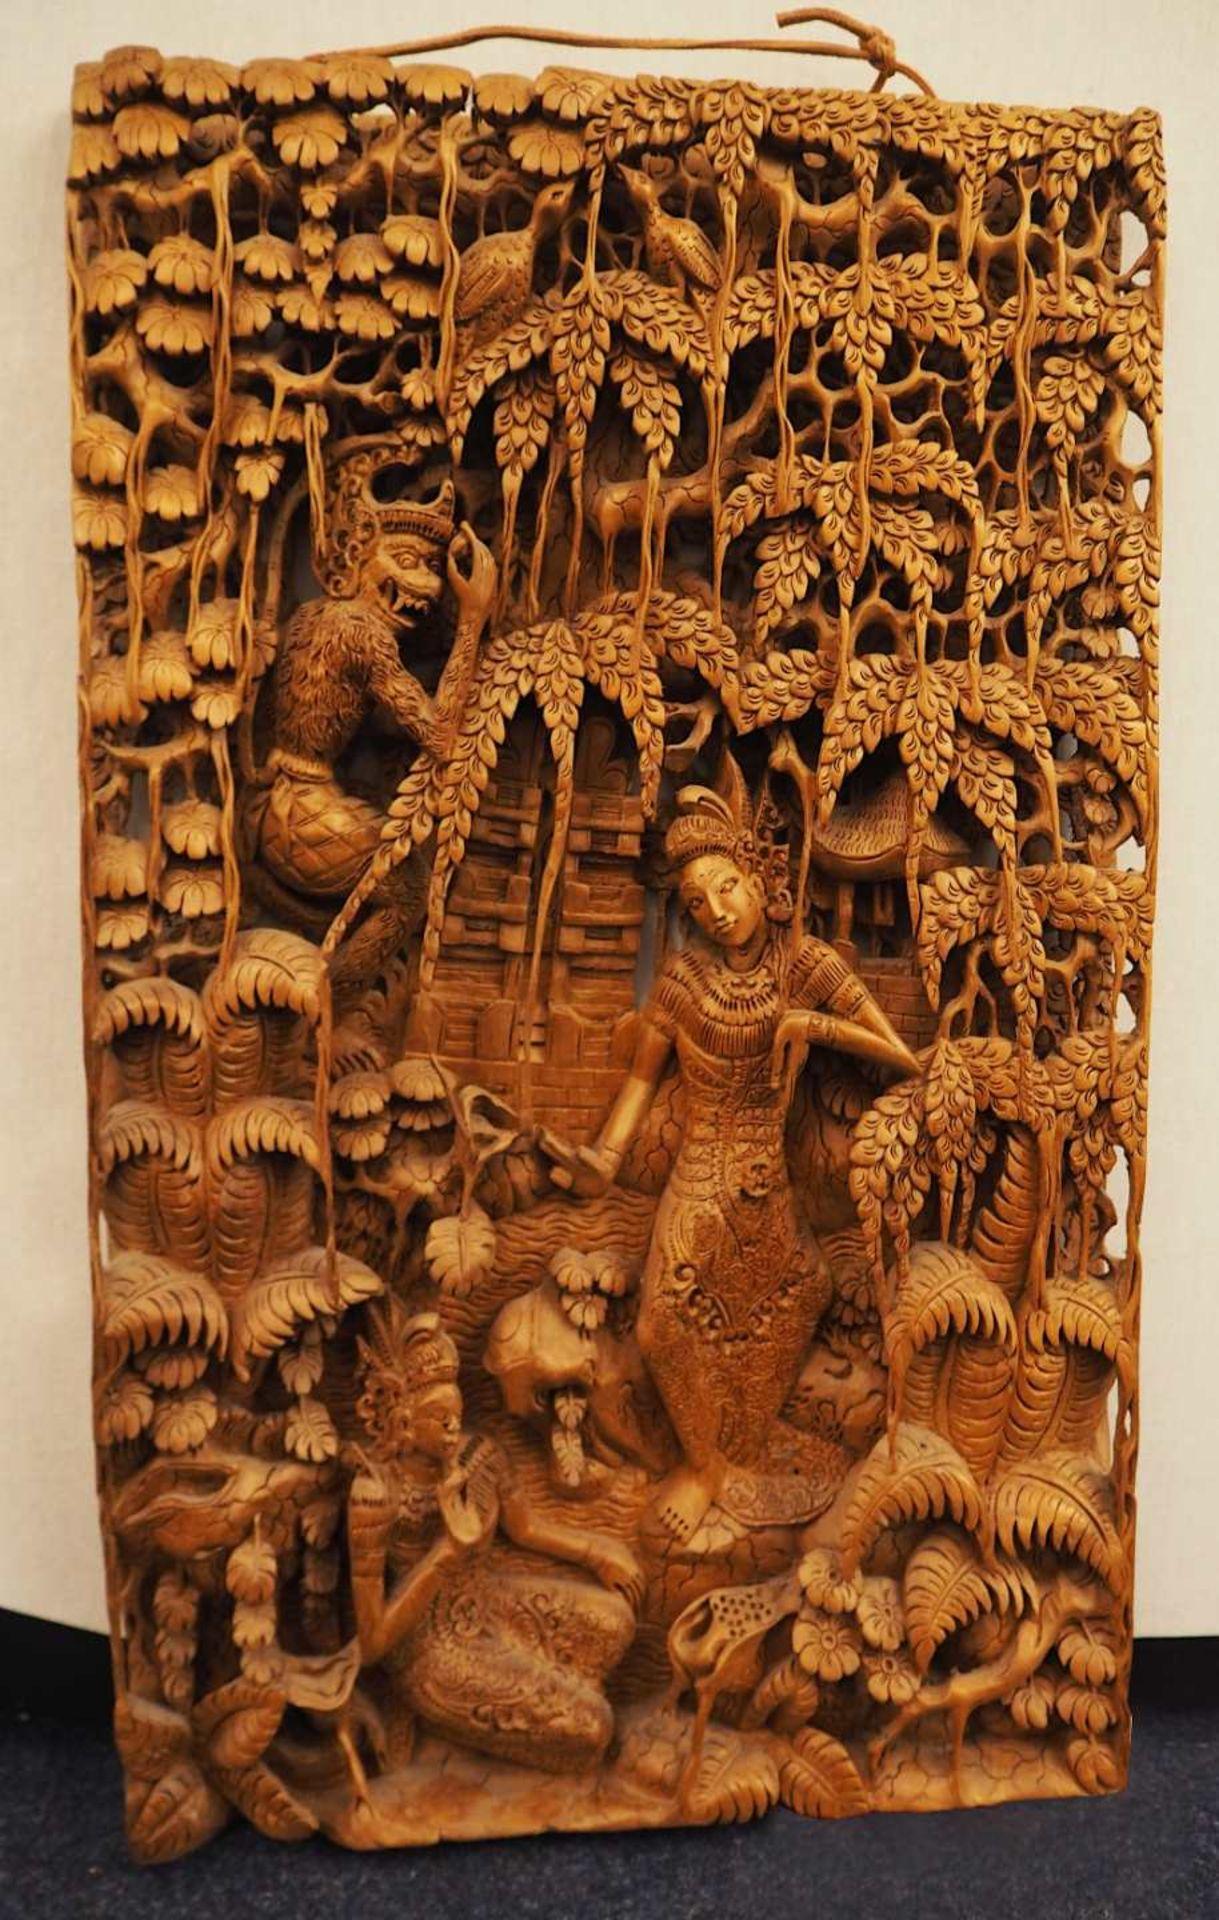 """2 Wandappliken """"Szenen aus dem Leben des Affenkönigs Hanuman"""" wohl Thailand 2. Hälfte 20. Jh.< - Bild 2 aus 6"""